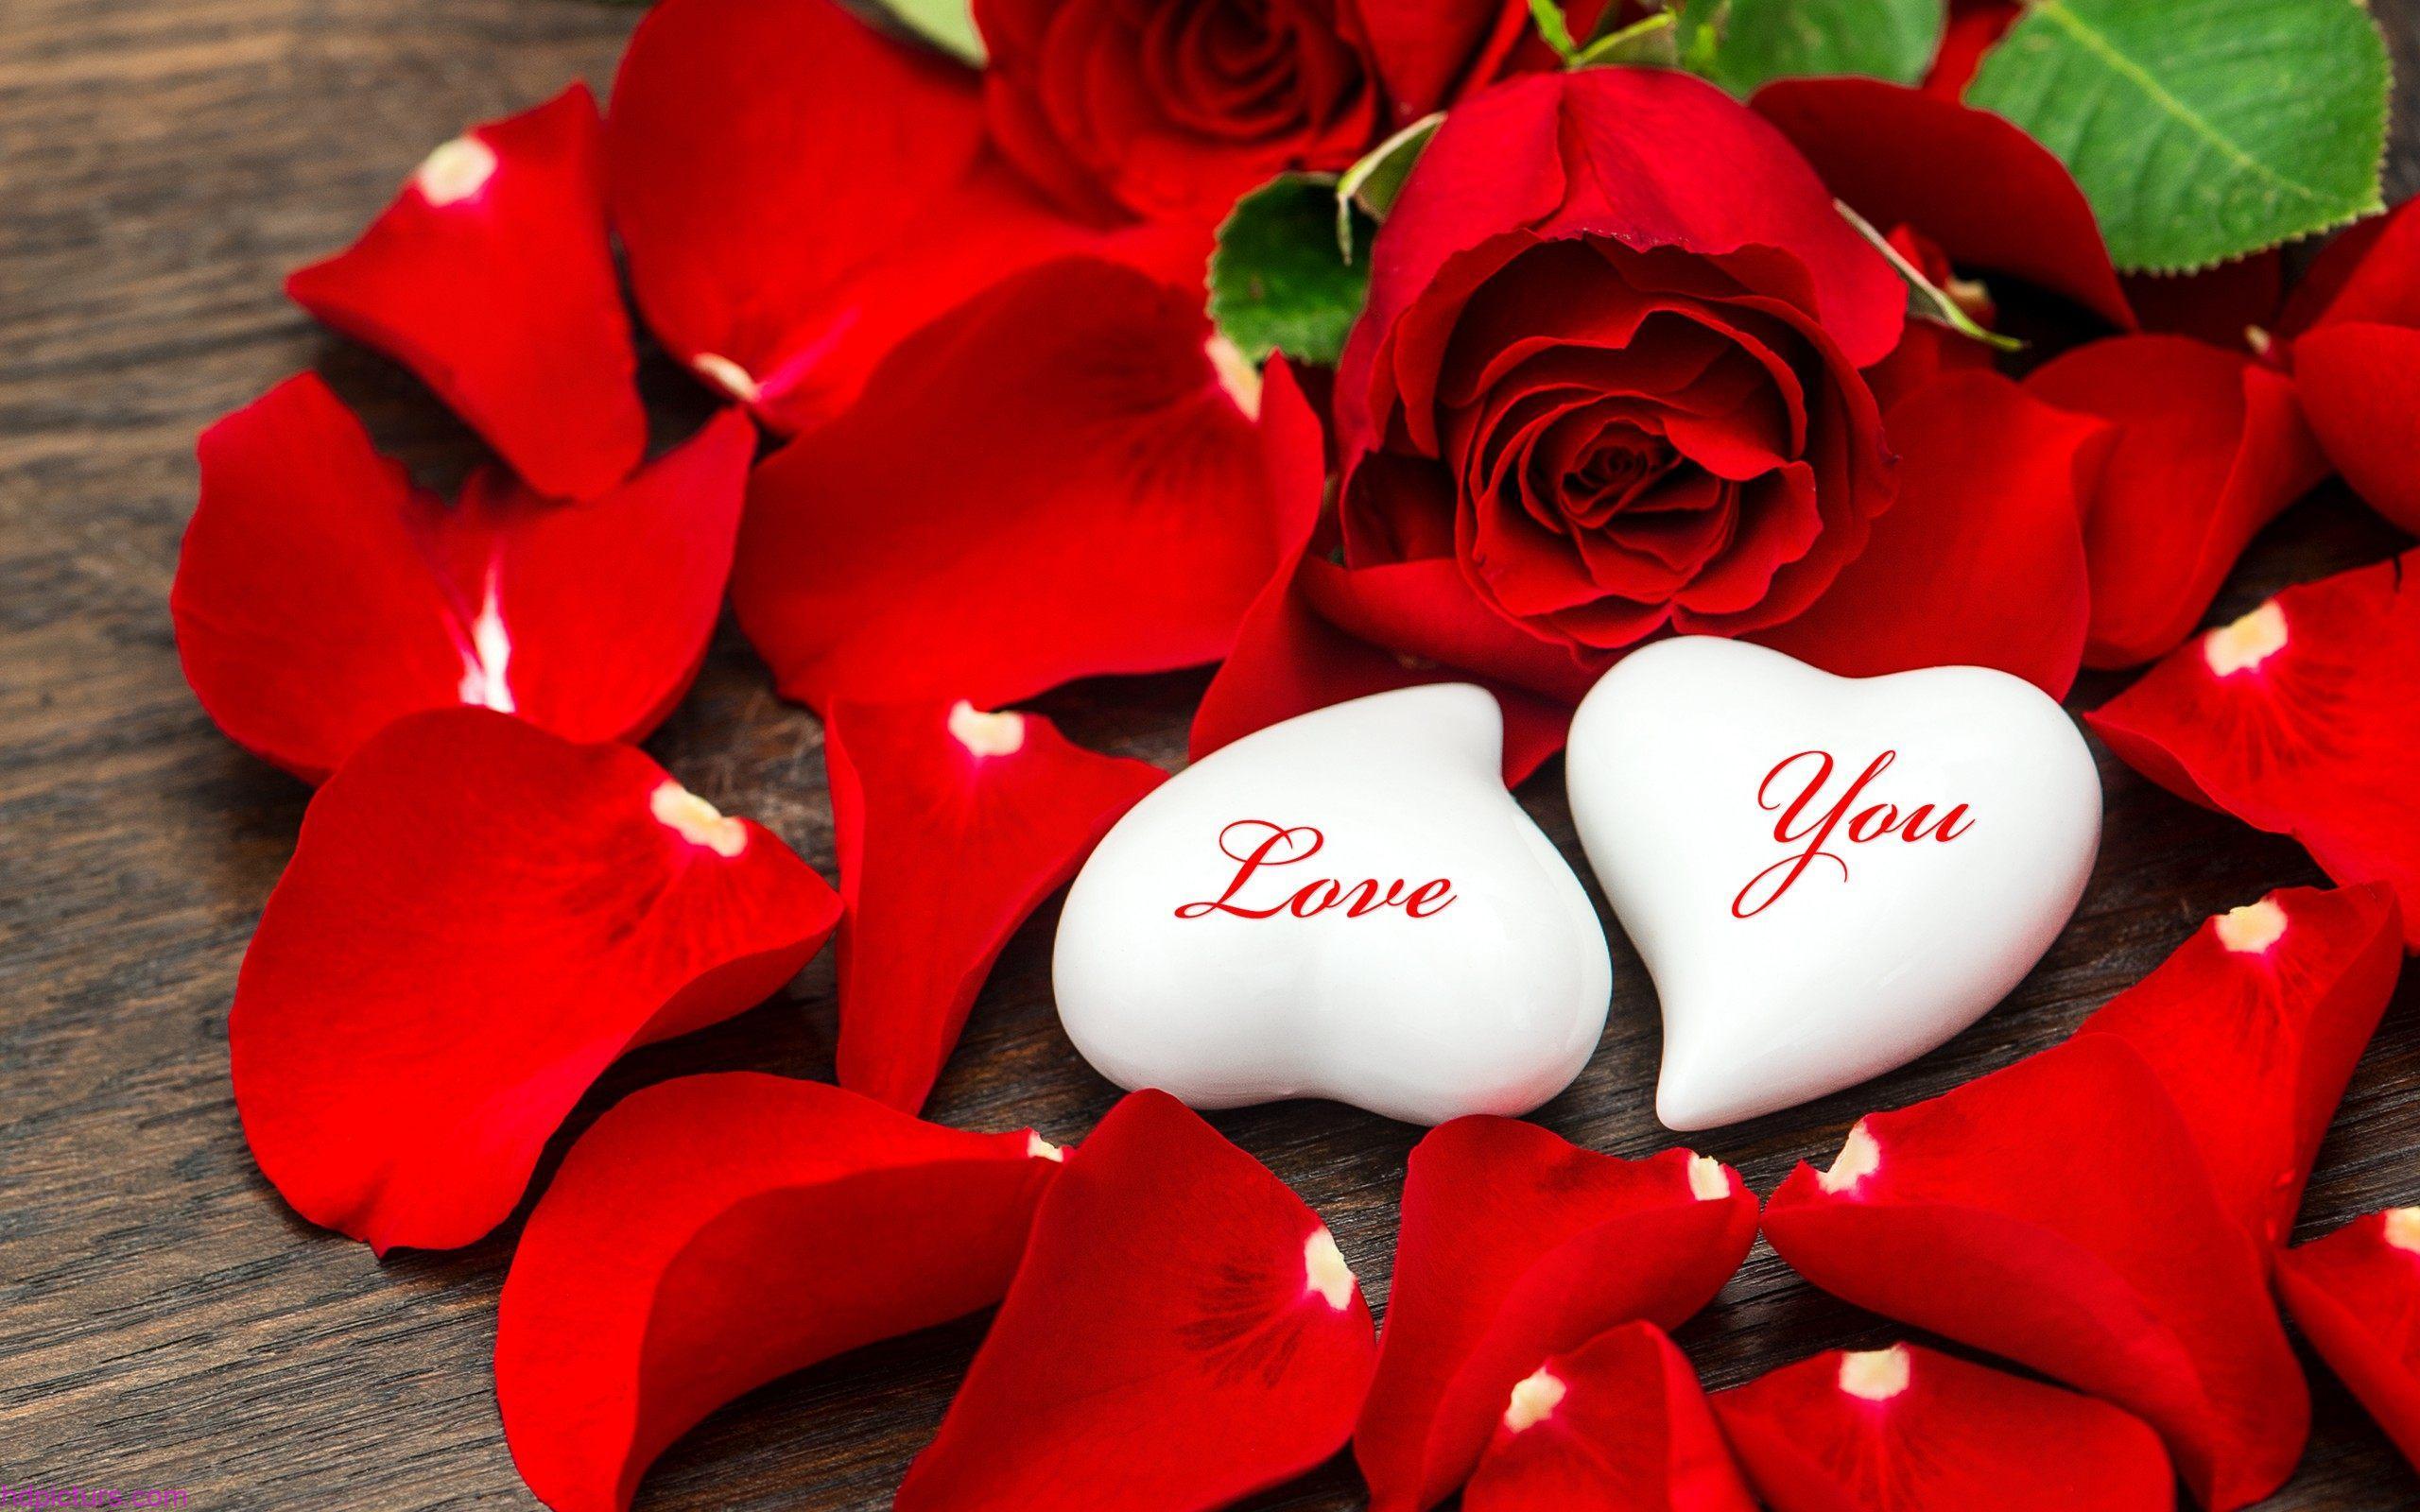 بالصور زهور الحب , الزهور احلى الهدايا 5728 2